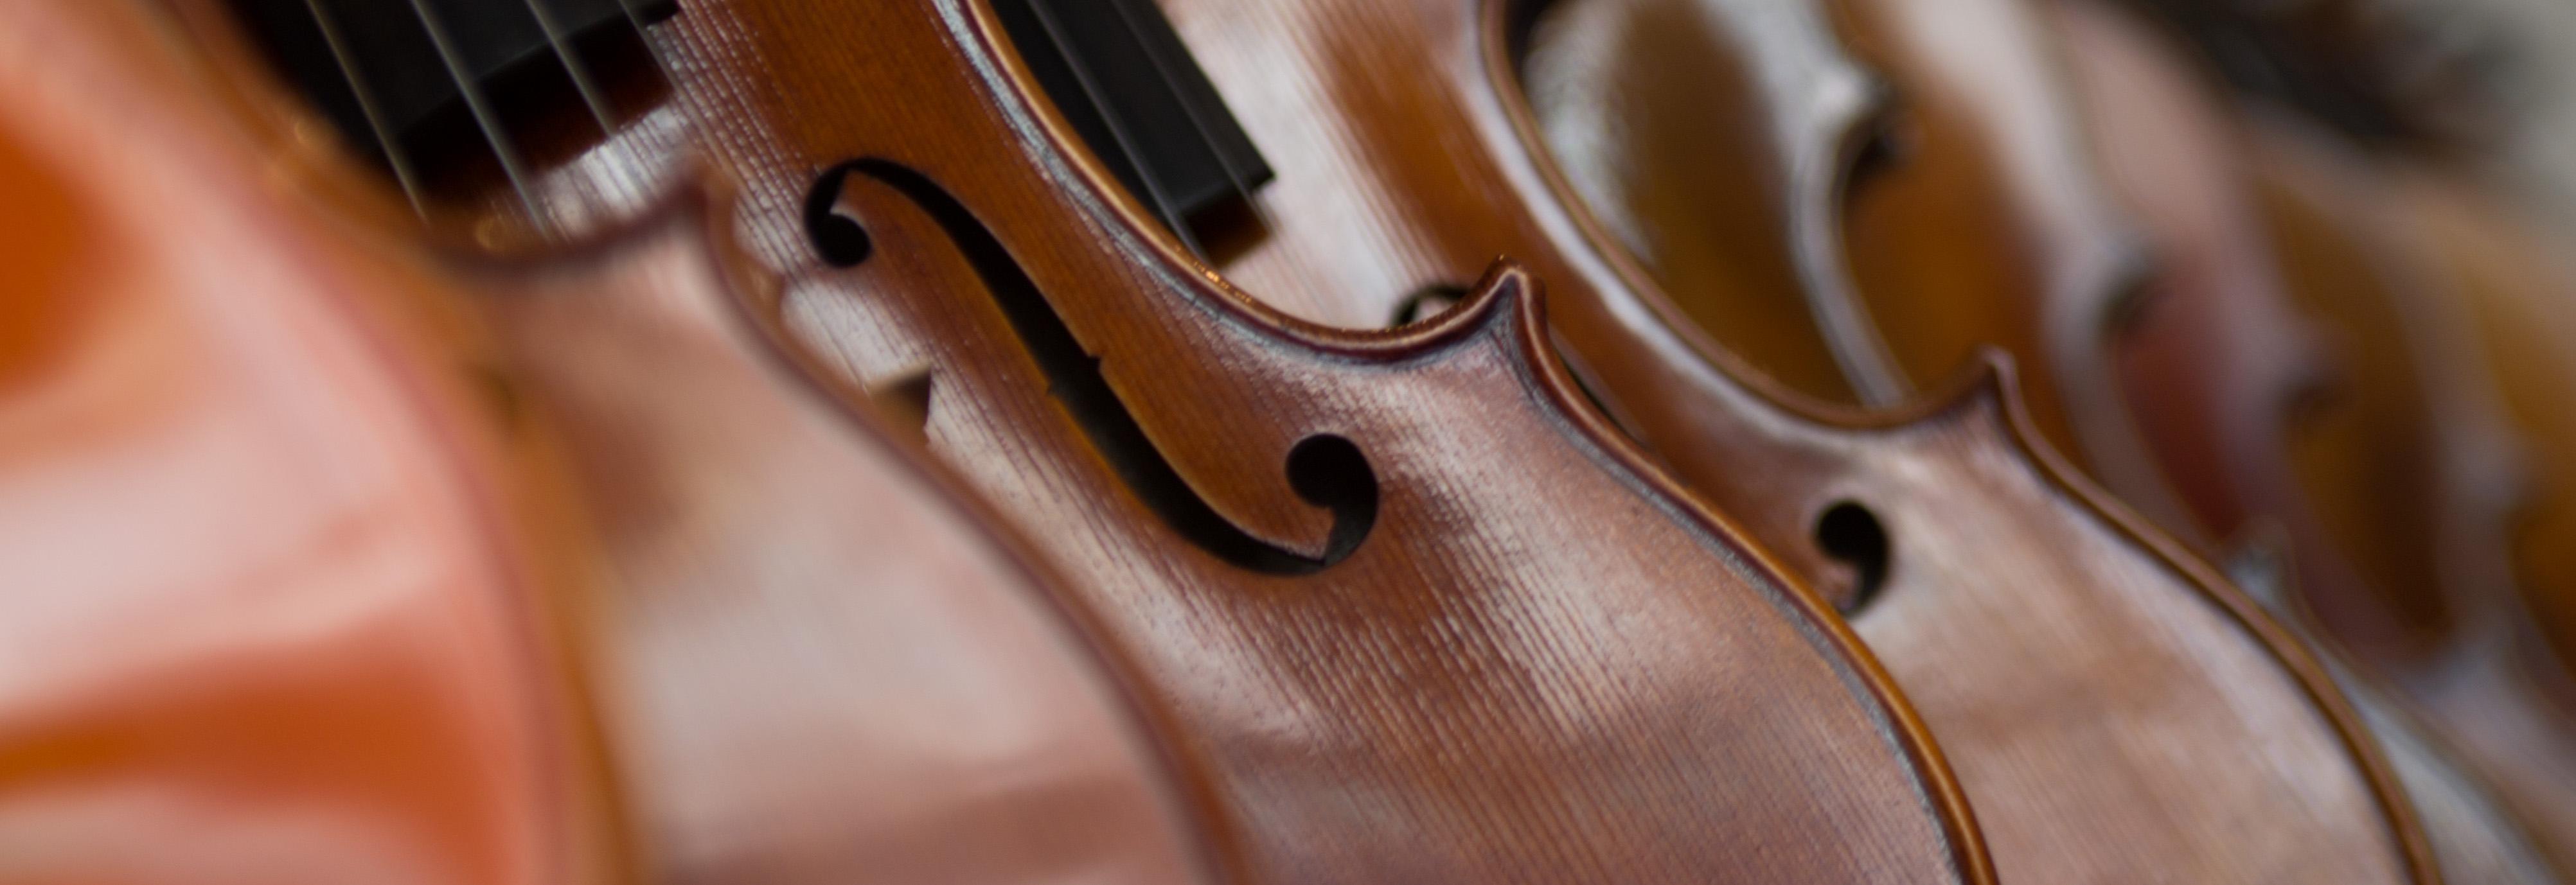 violini e corde milano